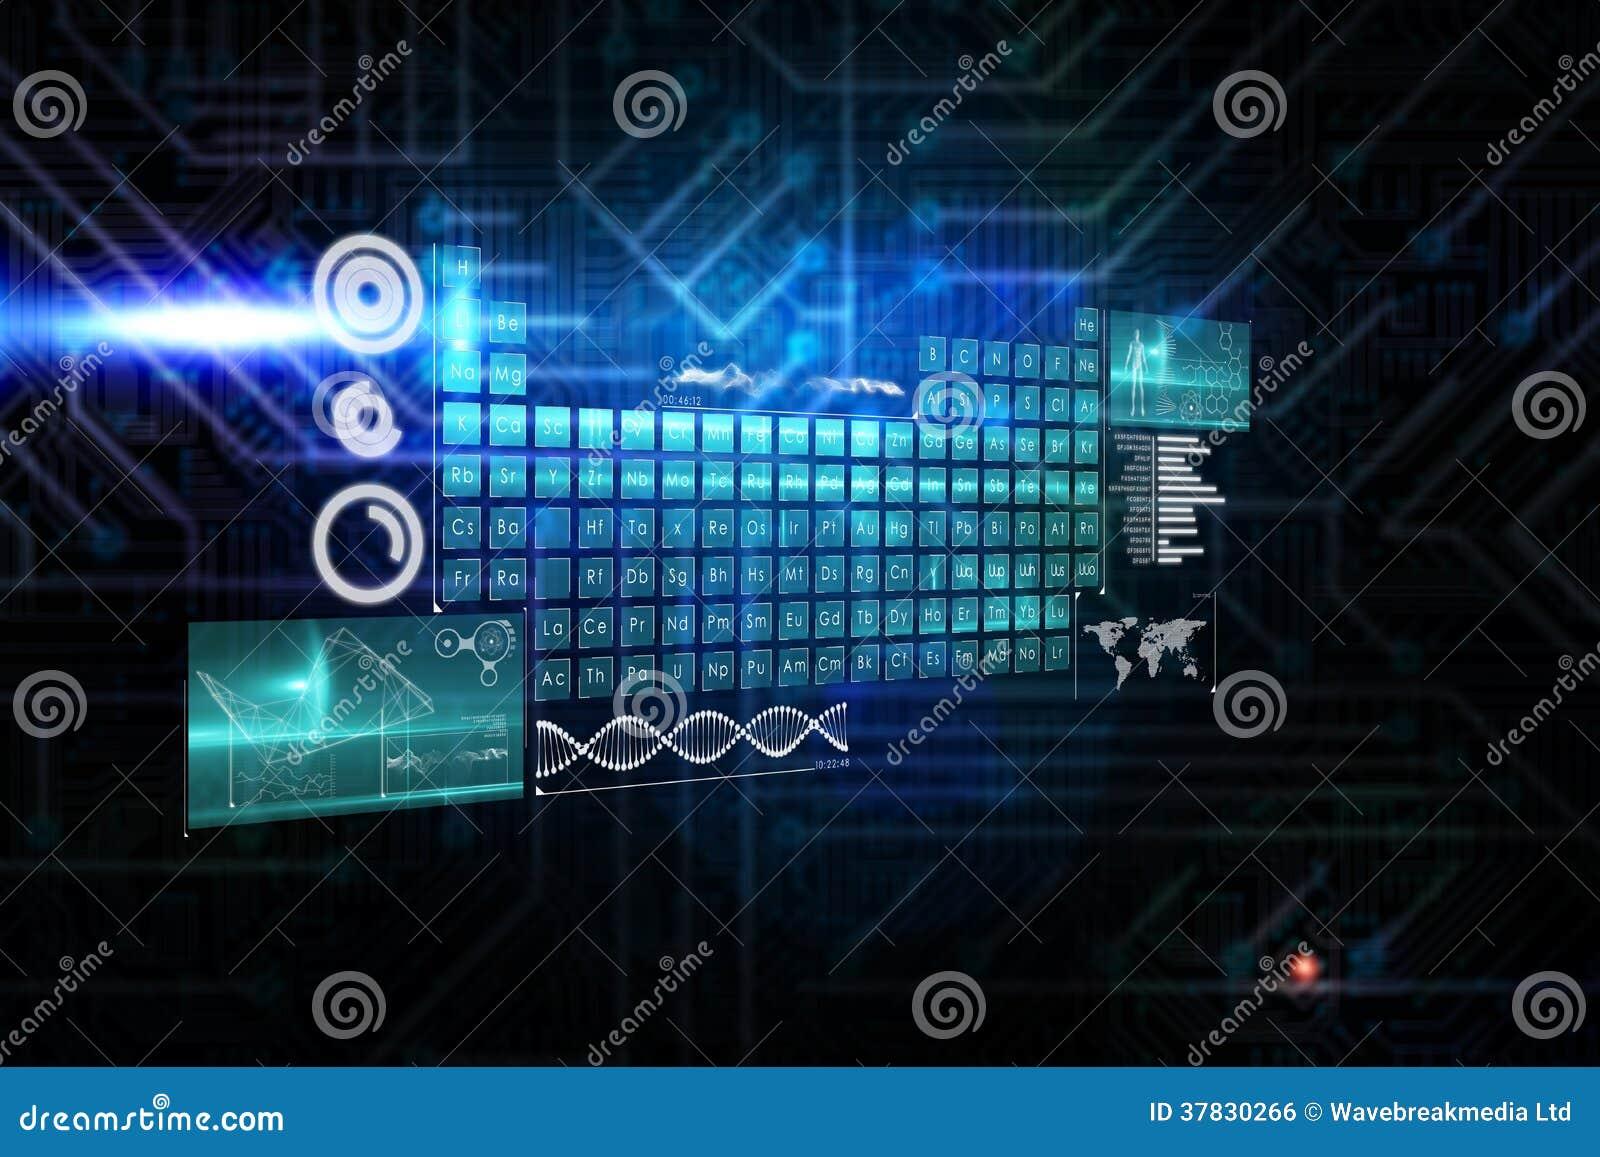 Imagen compuesta del interfaz del teclado